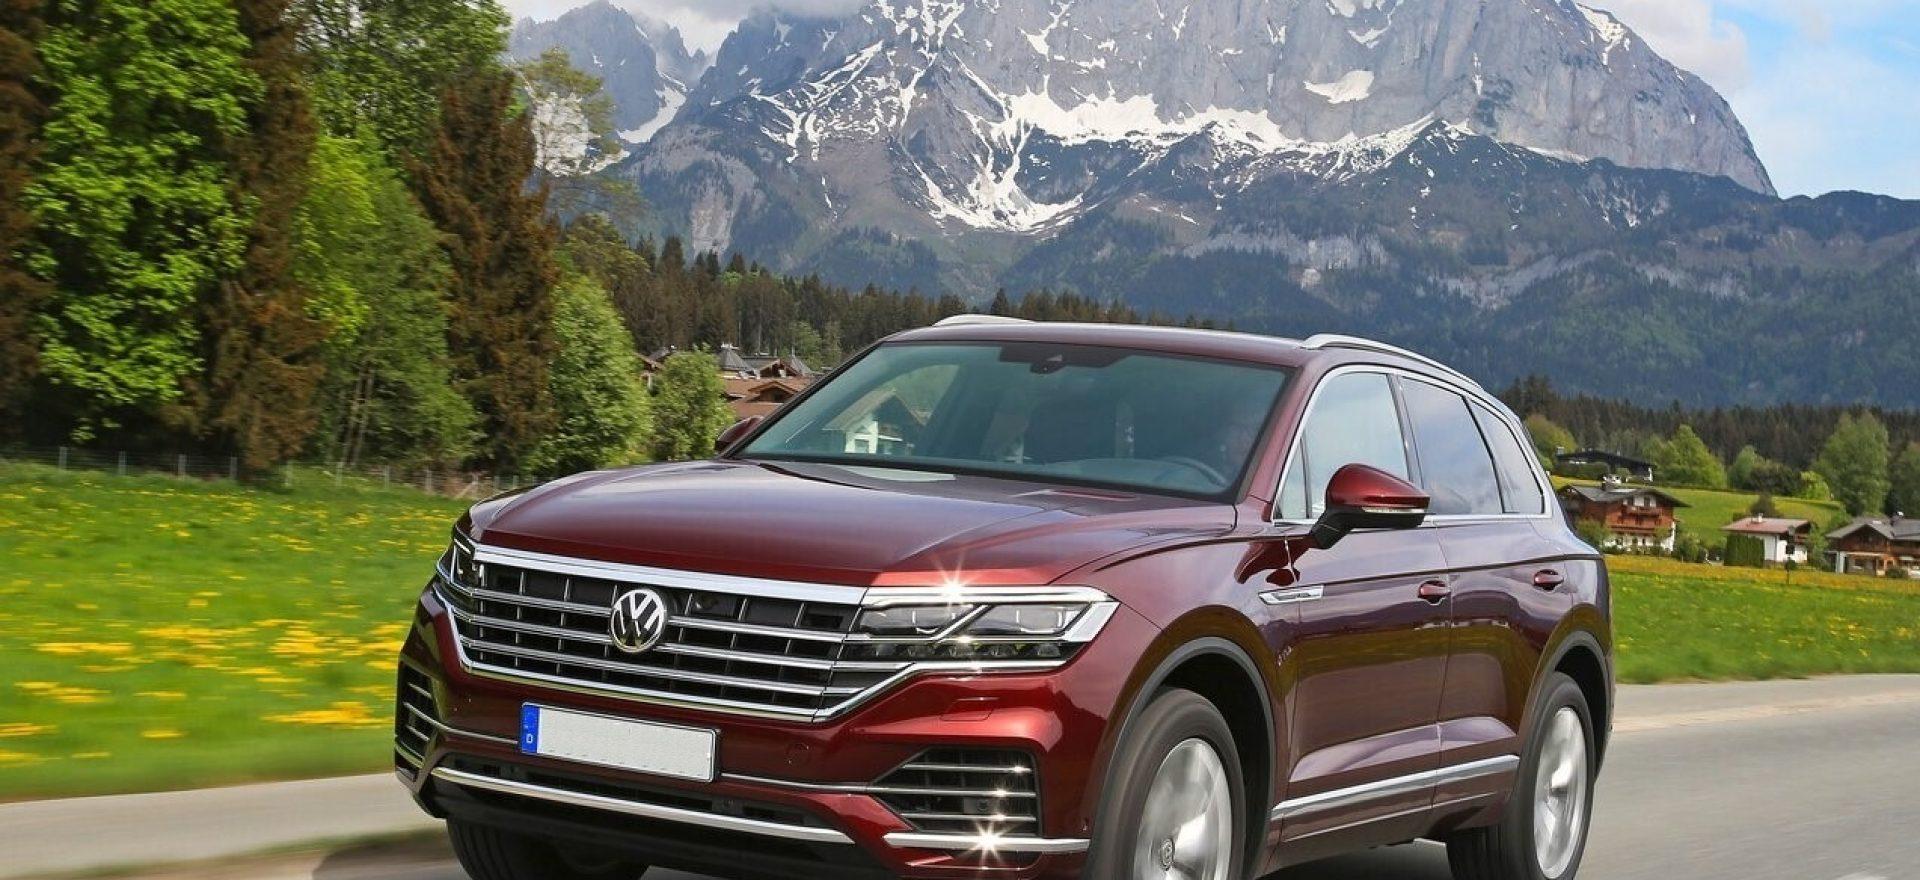 volkswagen-touareg-luxury